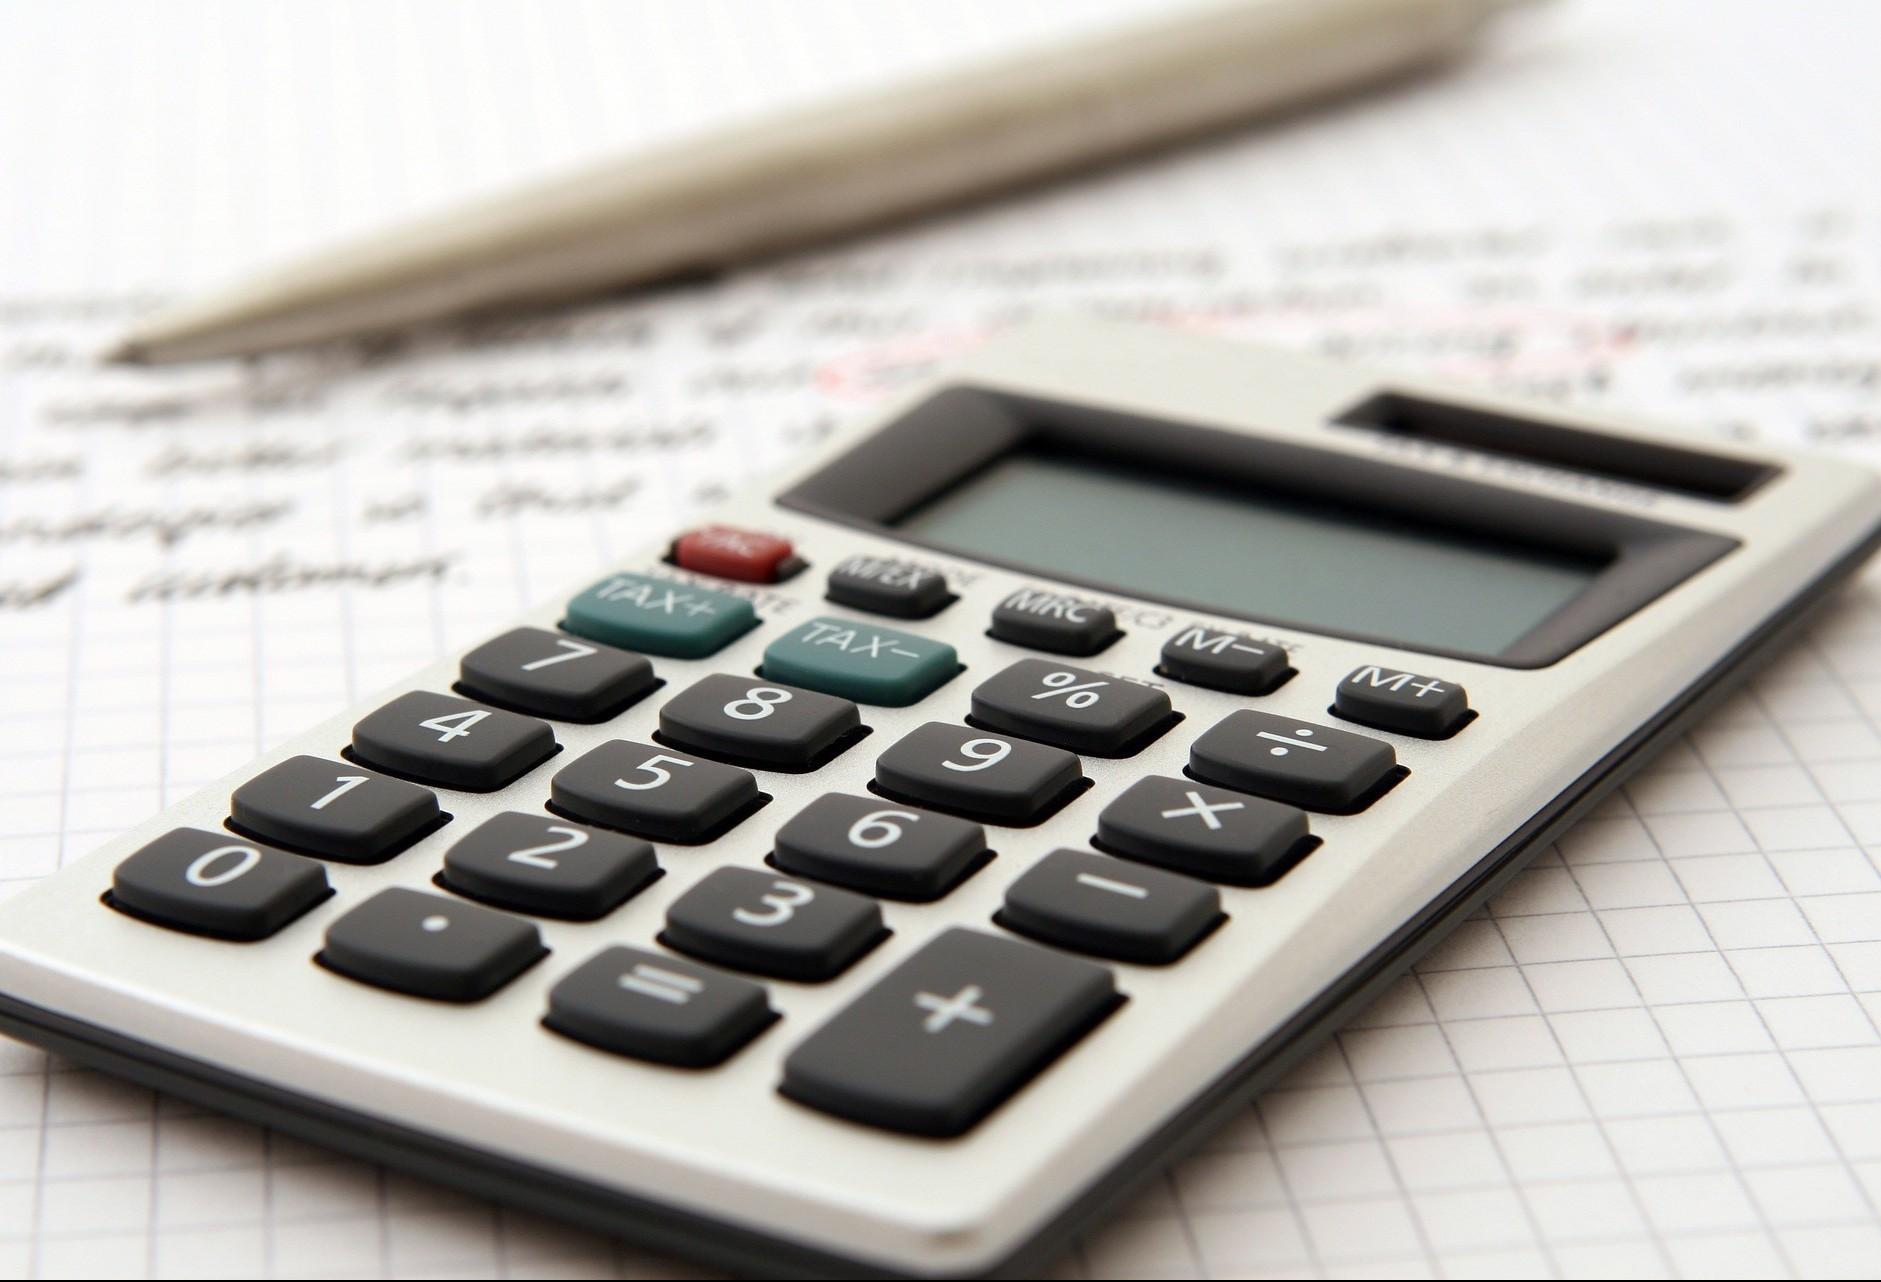 Indicadores econômicos serão positivos em 2019